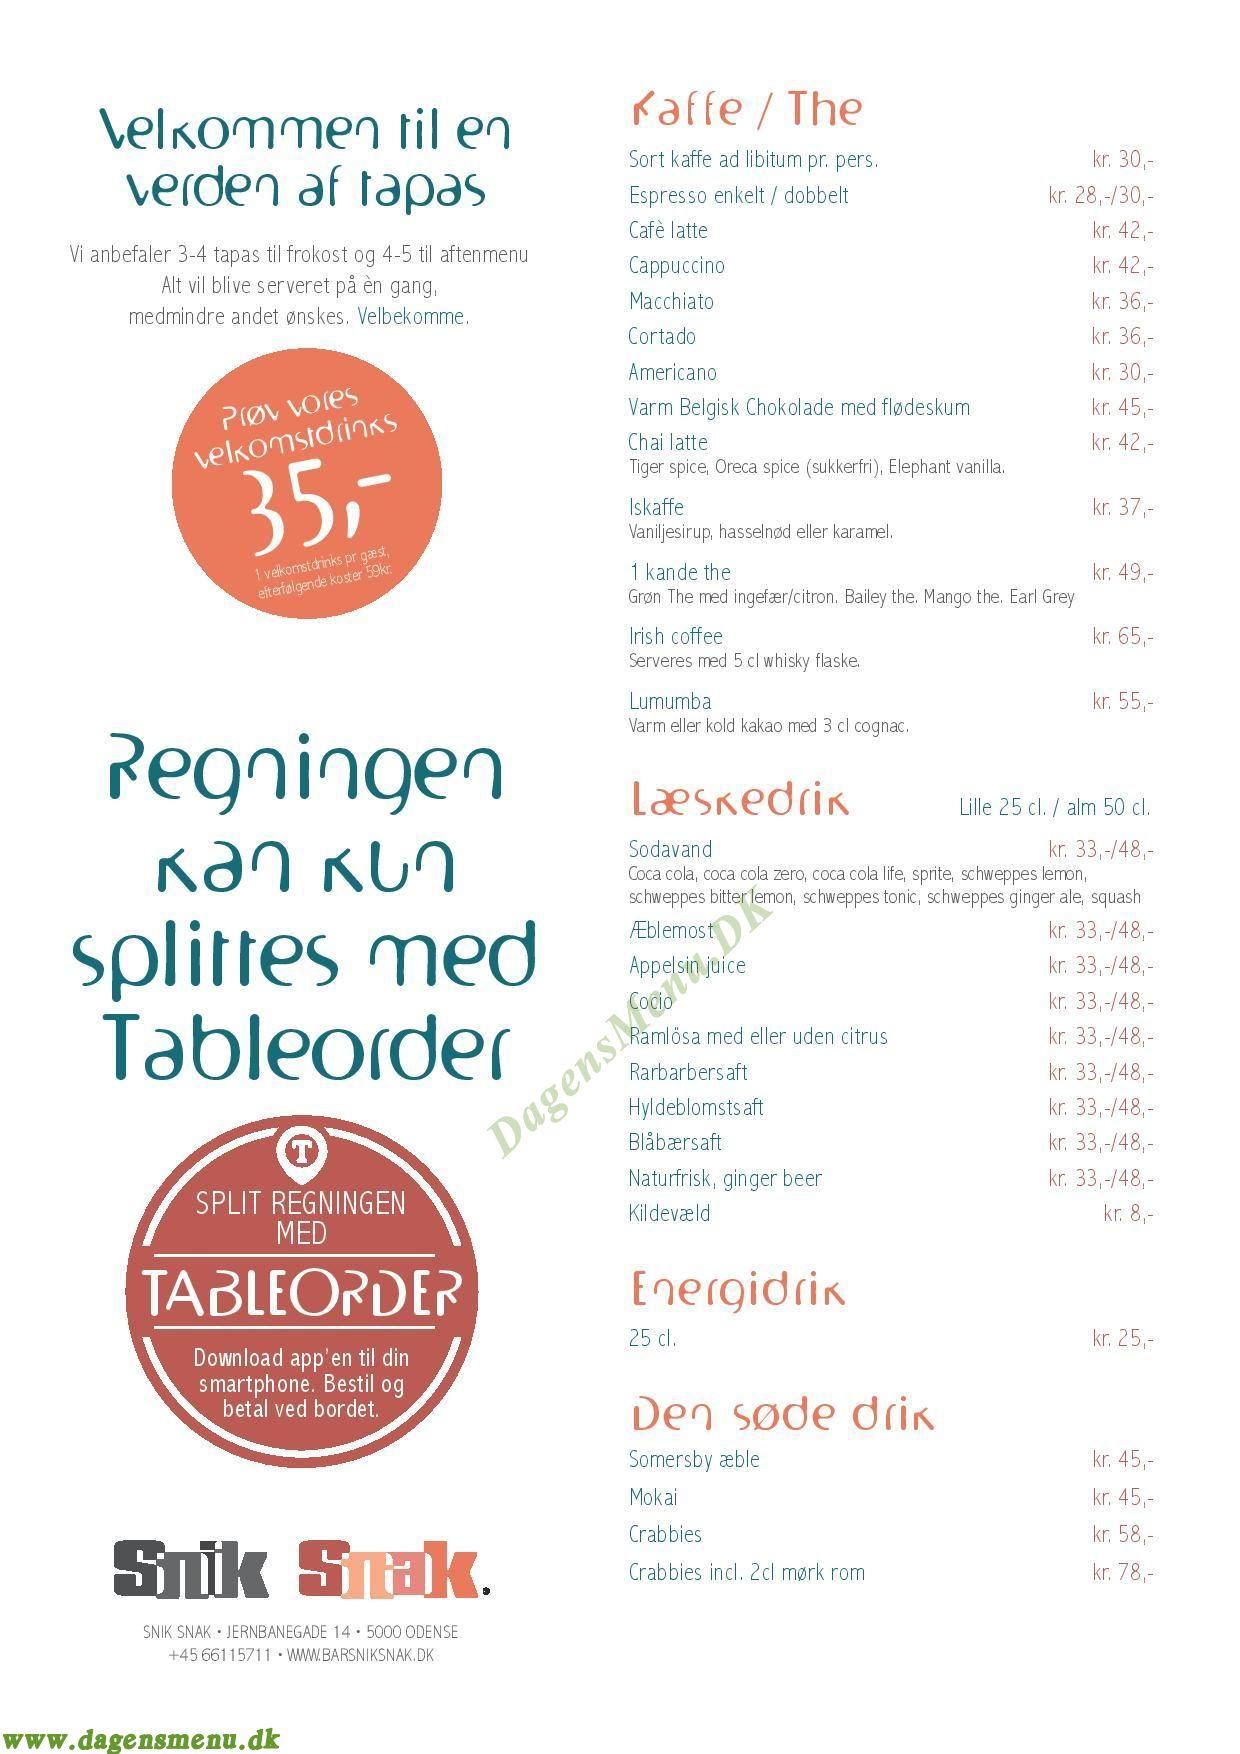 Restaurant Snik Snak Menukort